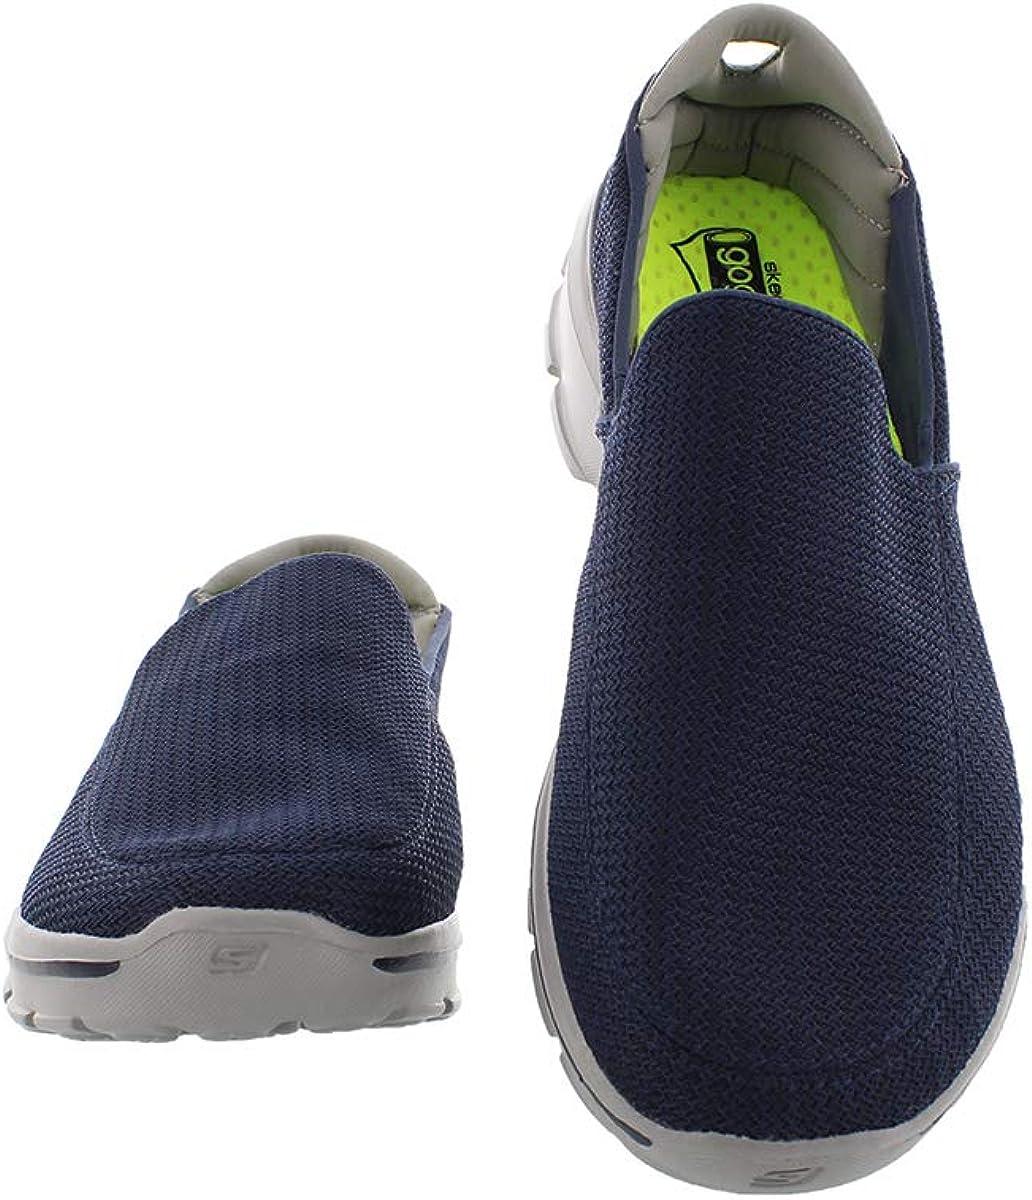 Skechers Go Walk 3, Men's Low-Top Sneakers Navy Gray